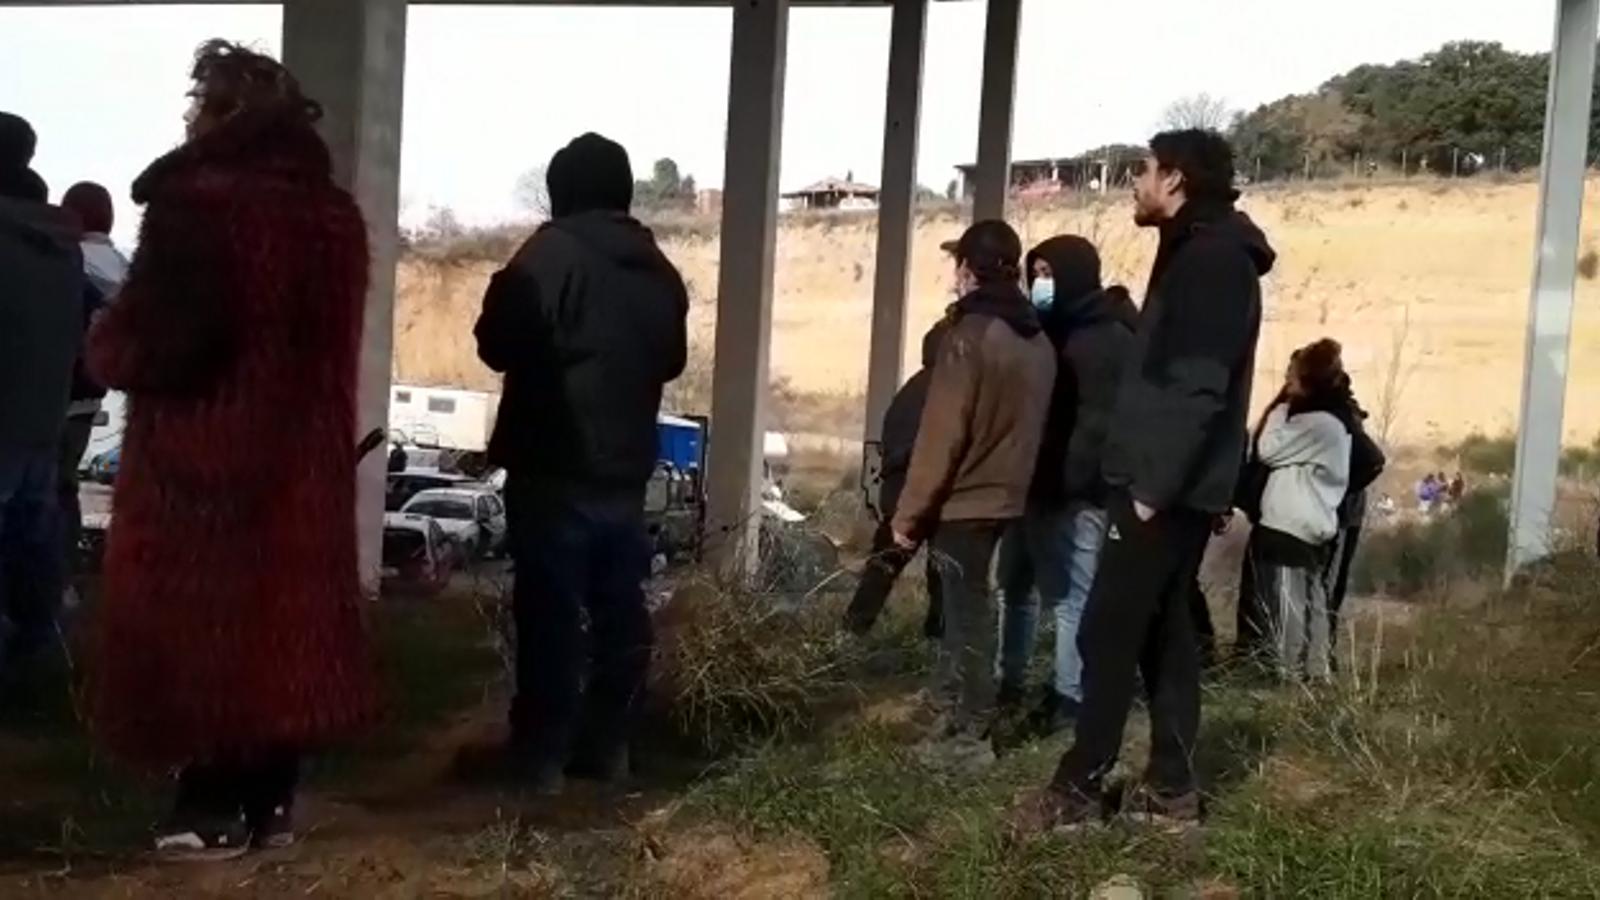 Els Mossos comencen a desallotjar la 'rave' de Llinars